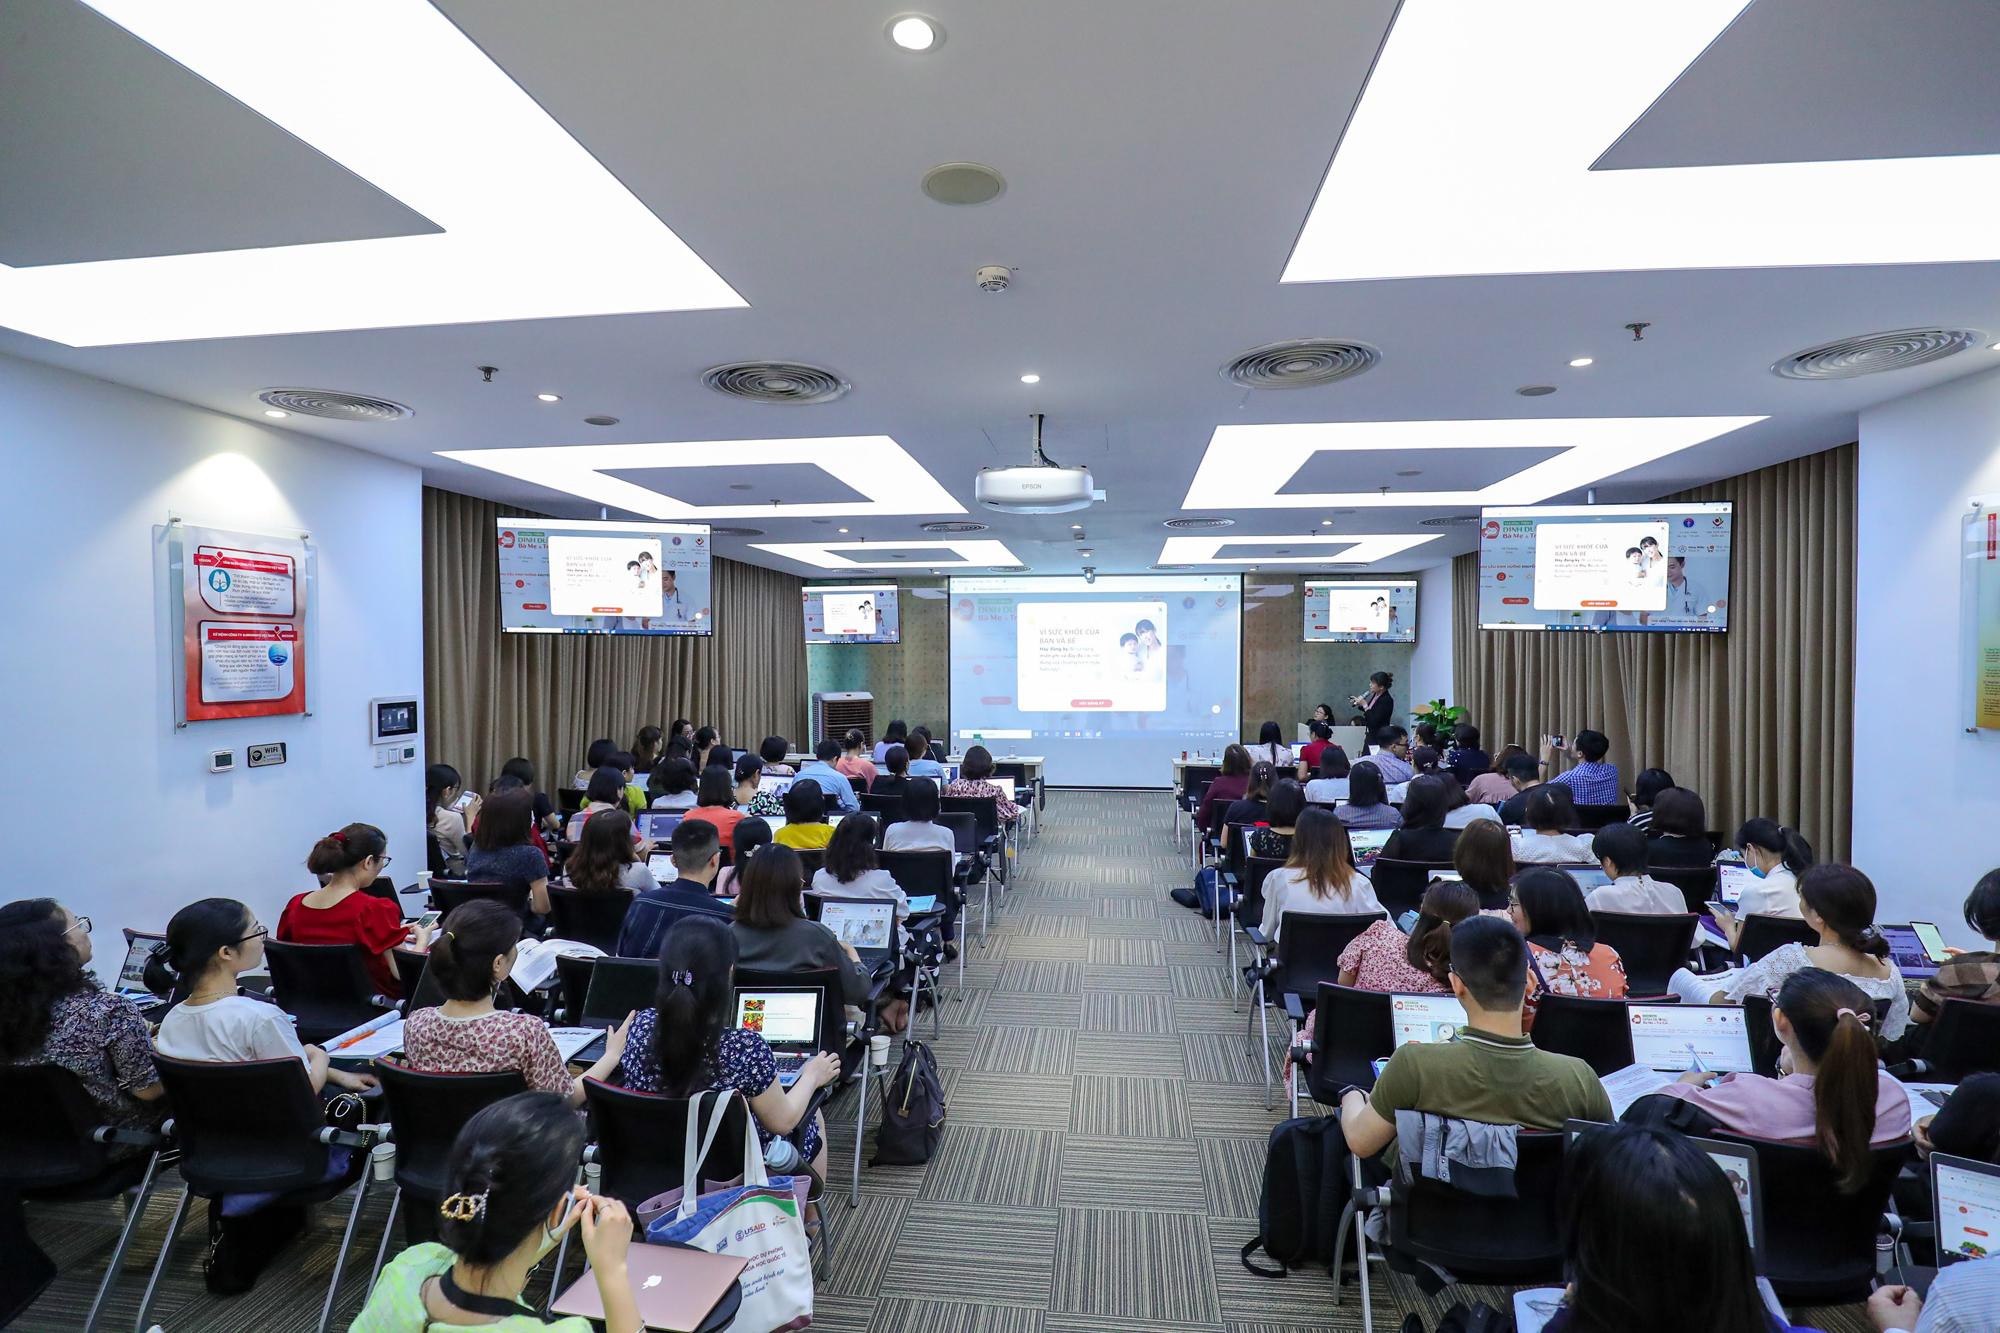 Buổi tập huấn ở Hà Nội (ngày 2/4) có sự góp mặt của gần 80 lãnh đạo, cán bộ y tế Sở Y tế Hà Nội, Trung tâm Kiểm soát nệnh tật thành phố Hà Nội, các bệnh viện bộ ngành, các bệnh viện công lập, tư thục và các đơn vị thuộc Sở Y tế Hà Nội. Sự kiện do Bộ Y tế phối hợp cùng Công ty Ajinomoto Việt Nam tổ chức. chị Phan Thị Gấm - cố vấn kỹ thuật của Công ty Ajinomoto Việt Nam chia sẻ với các lãnh đạo và cán bộ y tế chi tiết về phần mềm, hướng dẫn thao tác sử dụng từng chức năng và thực hành.